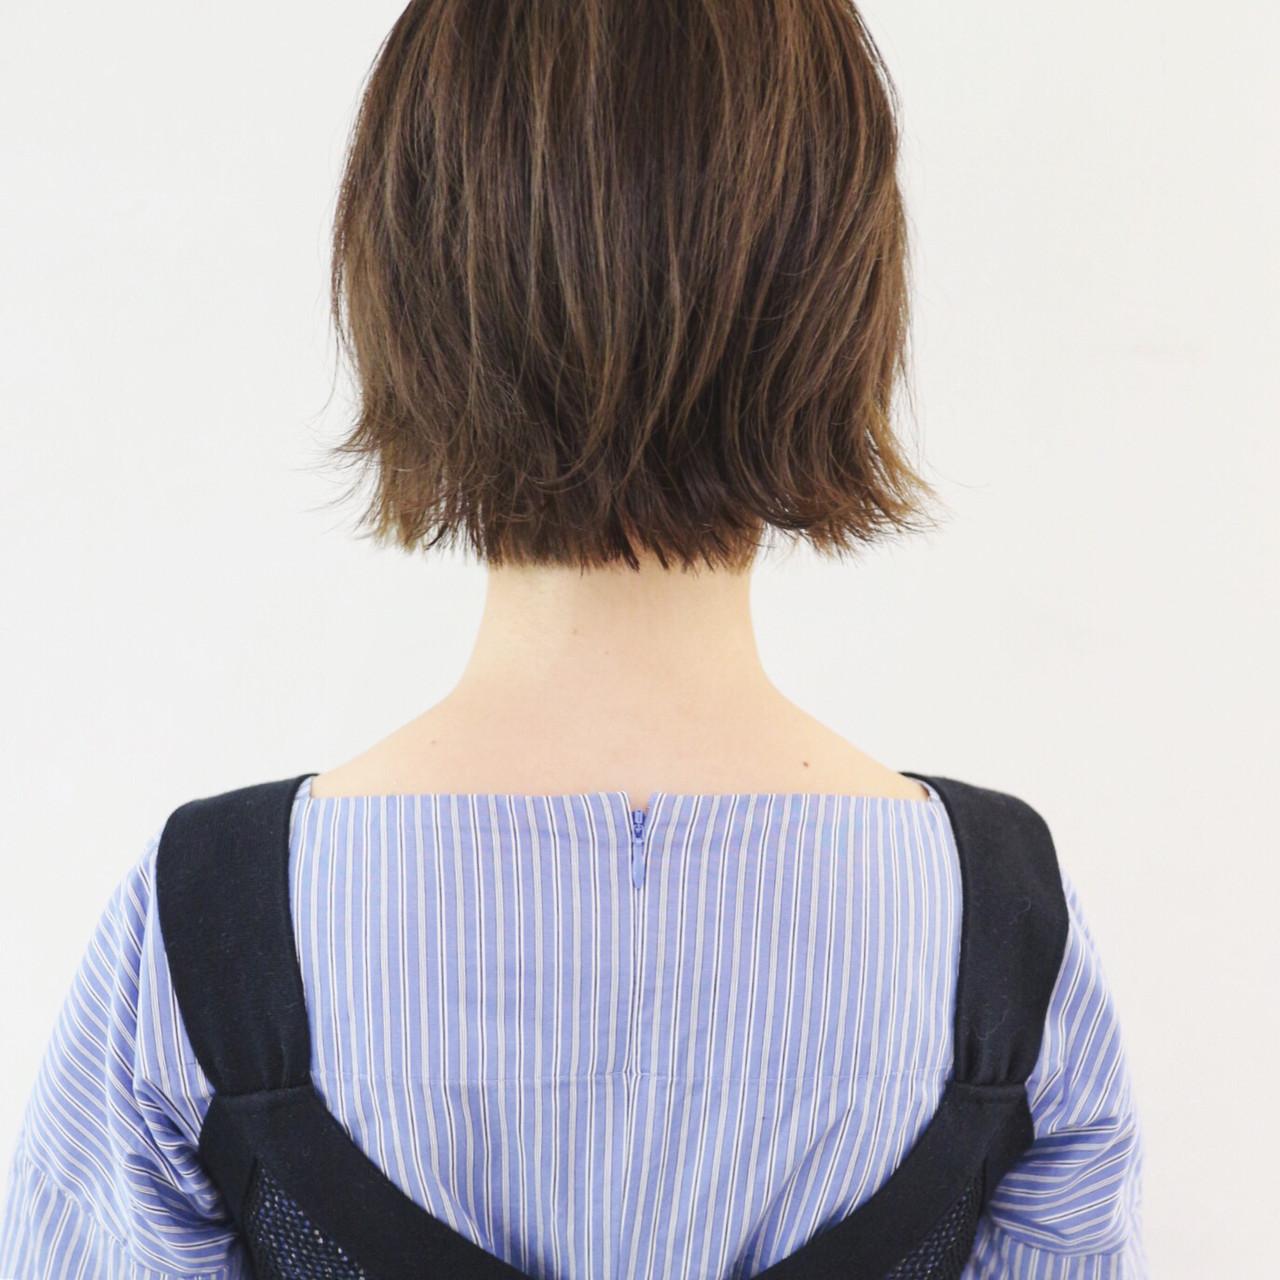 ミニボブ アウトドア 外ハネボブ グレージュ ヘアスタイルや髪型の写真・画像